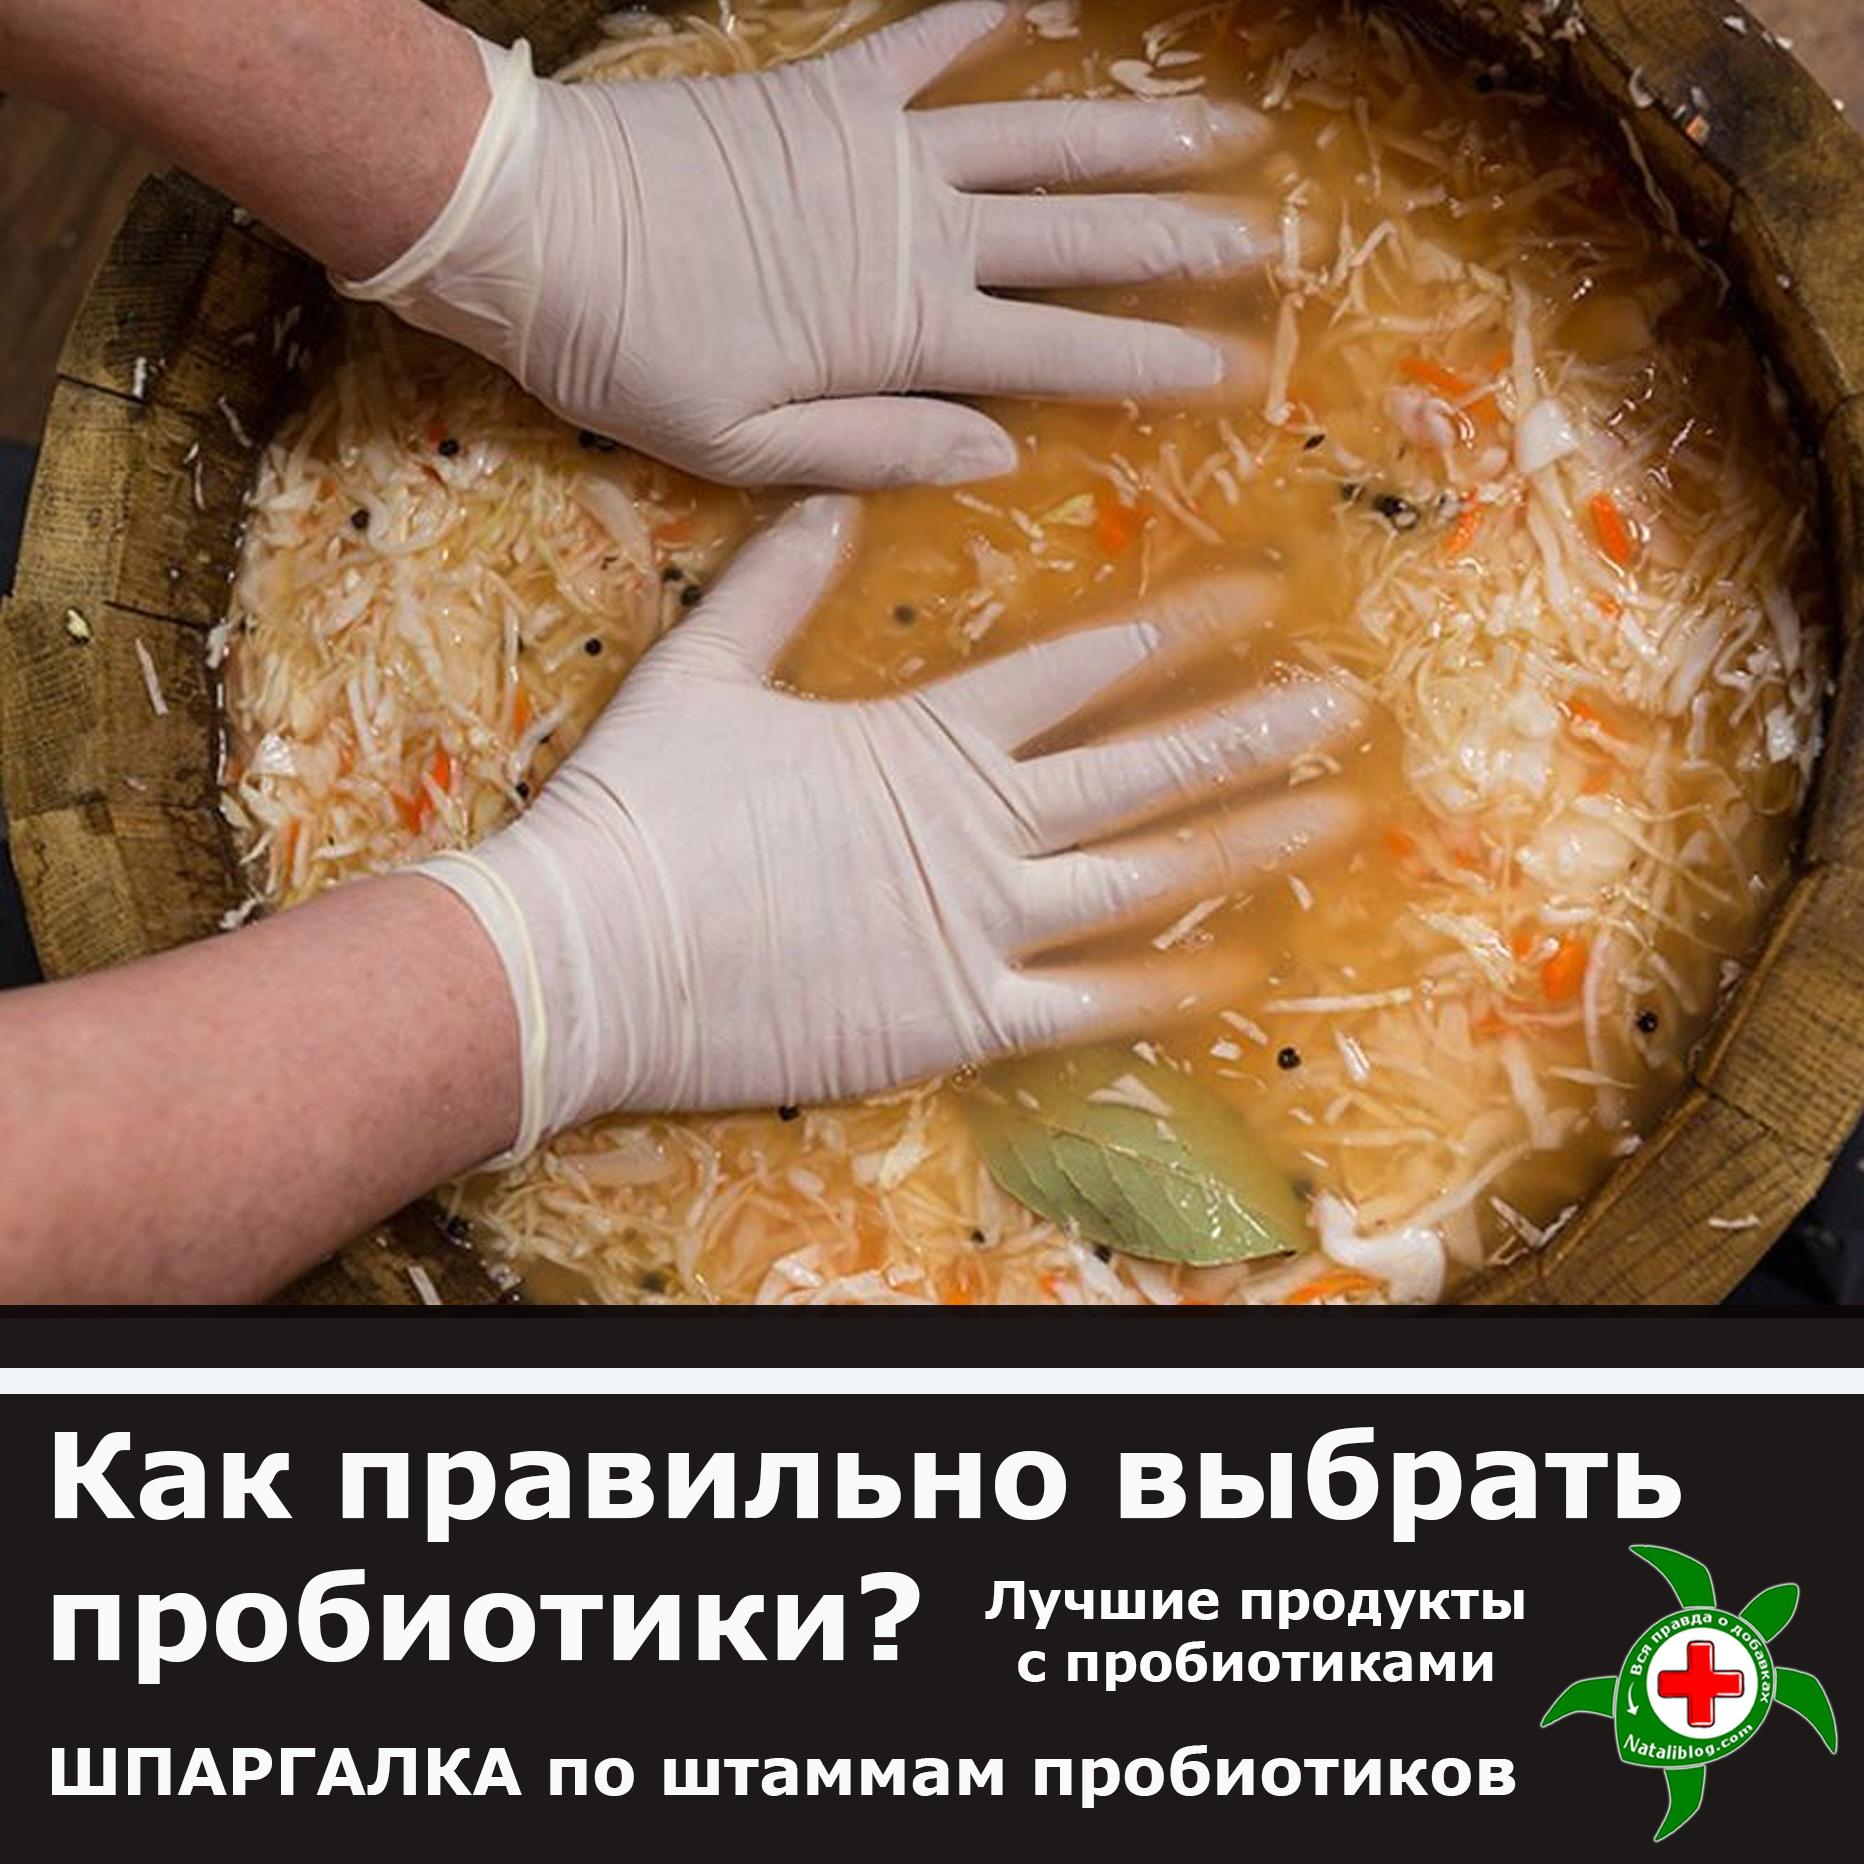 Пробиотики главная.jpg